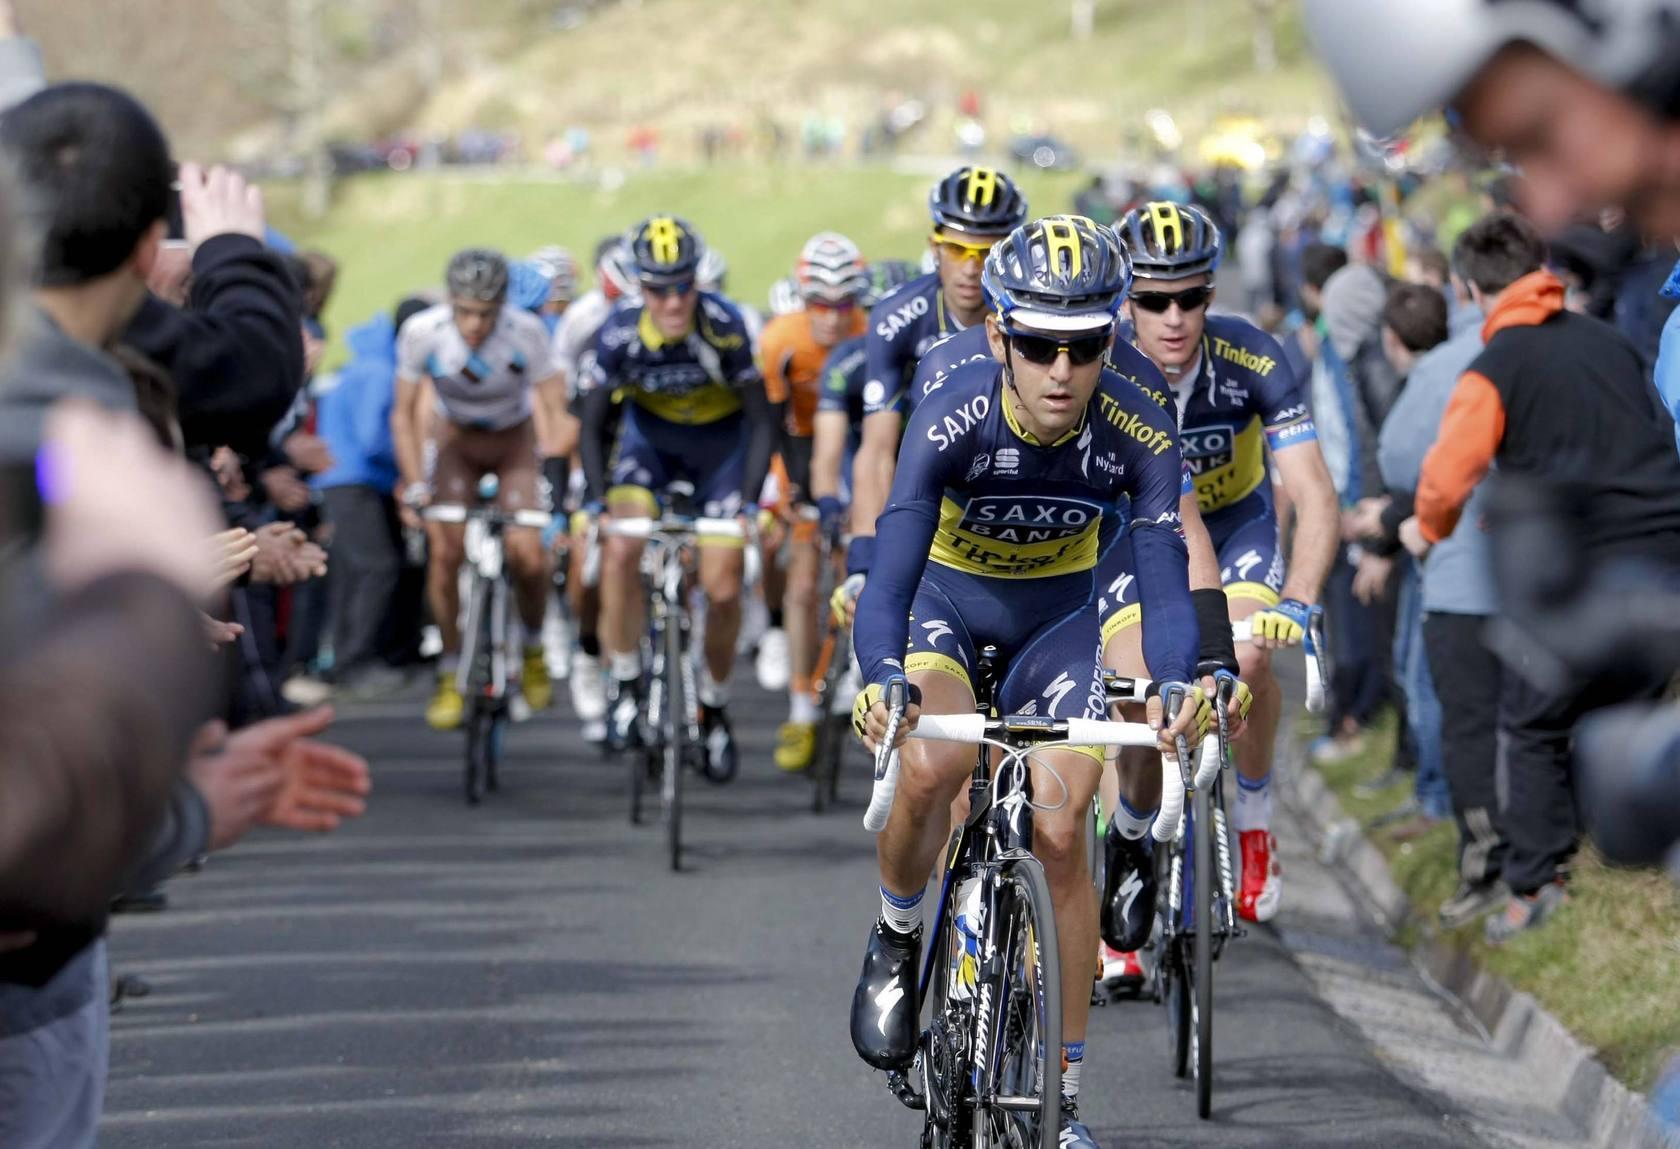 Primera etapa de la Vuelta Ciclista al País Vasco 2013